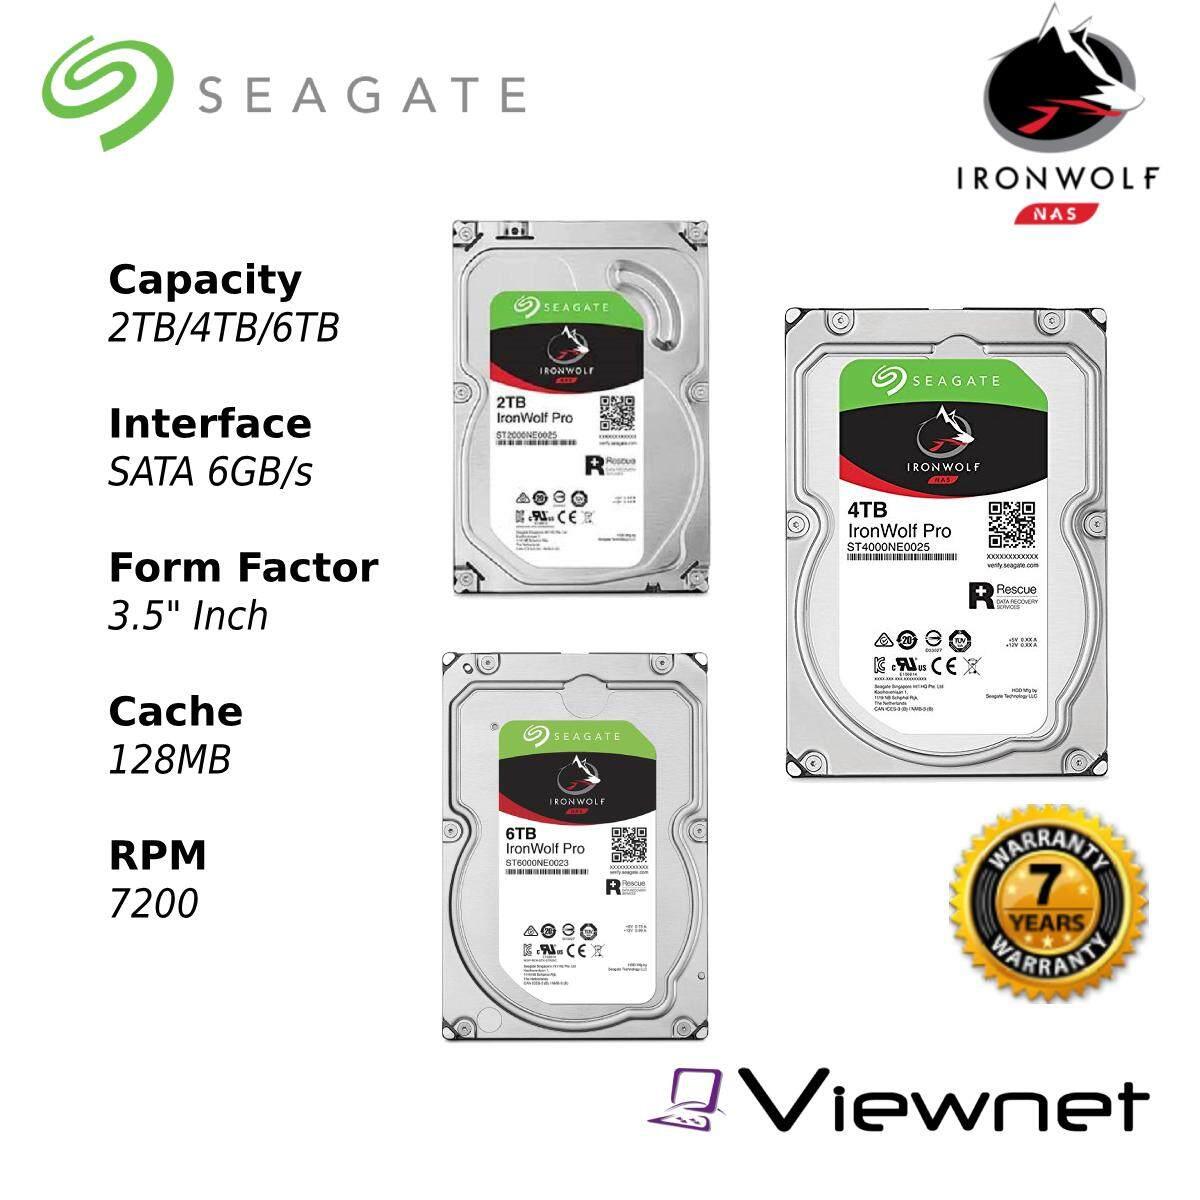 Seagate Ironwolf Pro 2TB/4TB/6TB Internal Hard Drive - 7200RPM SATA 6Gb/s 128MB 3.5